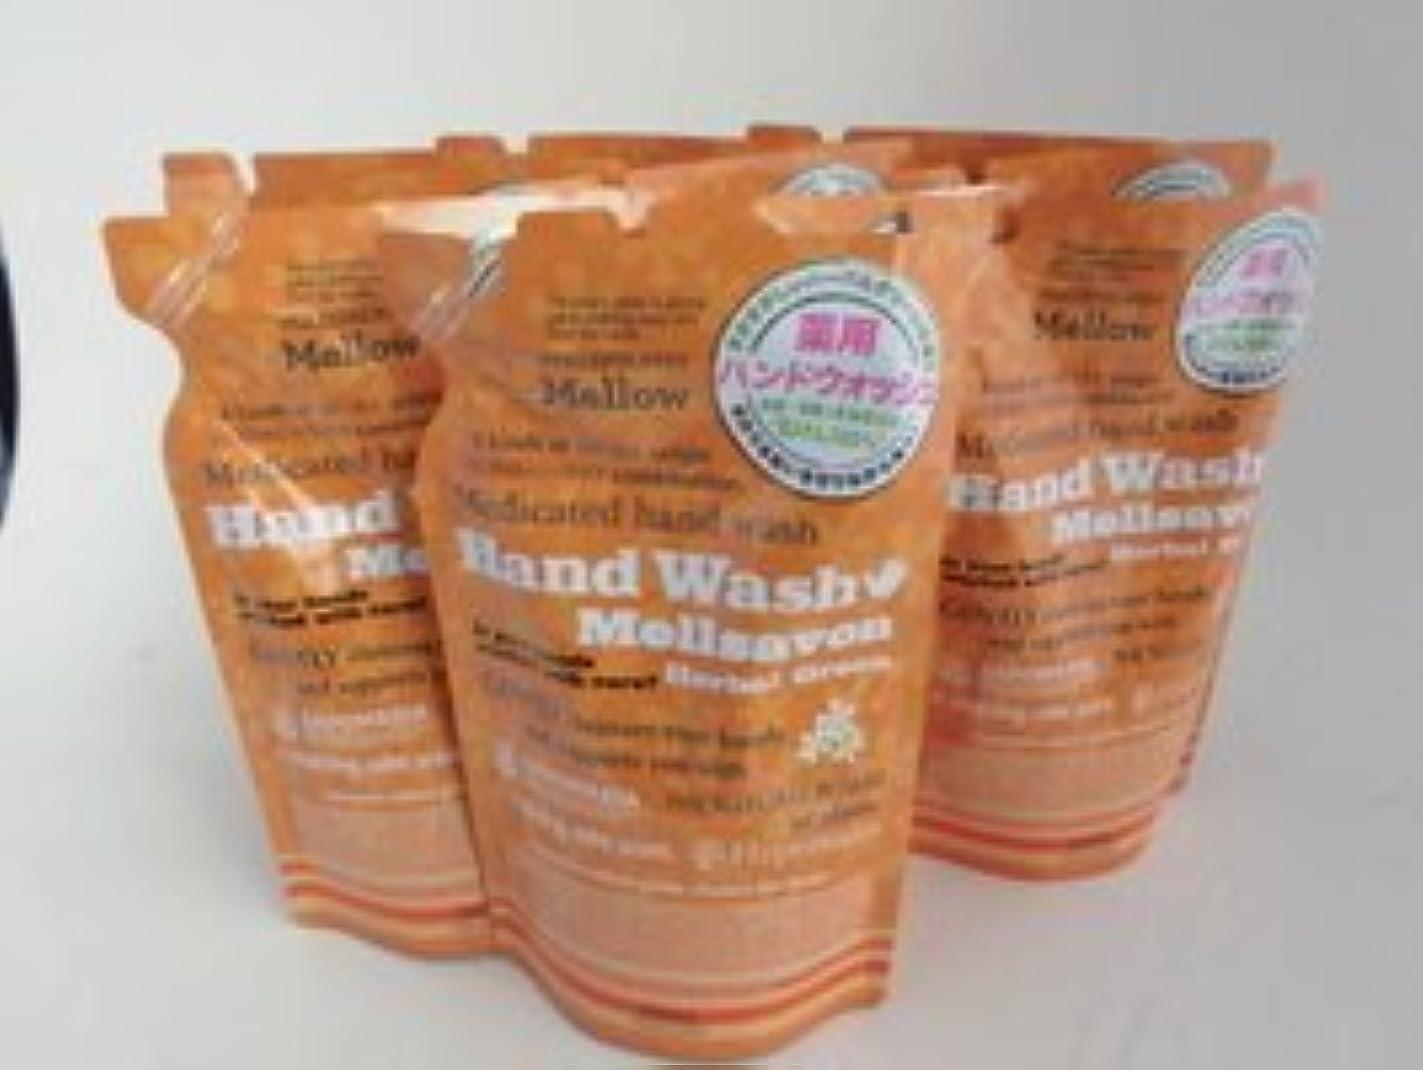 太陽常習的責任【24袋セット】メルサボン ハンドウォッシュ 詰替(200ml) ハーバルグリーン 新品 24袋セット